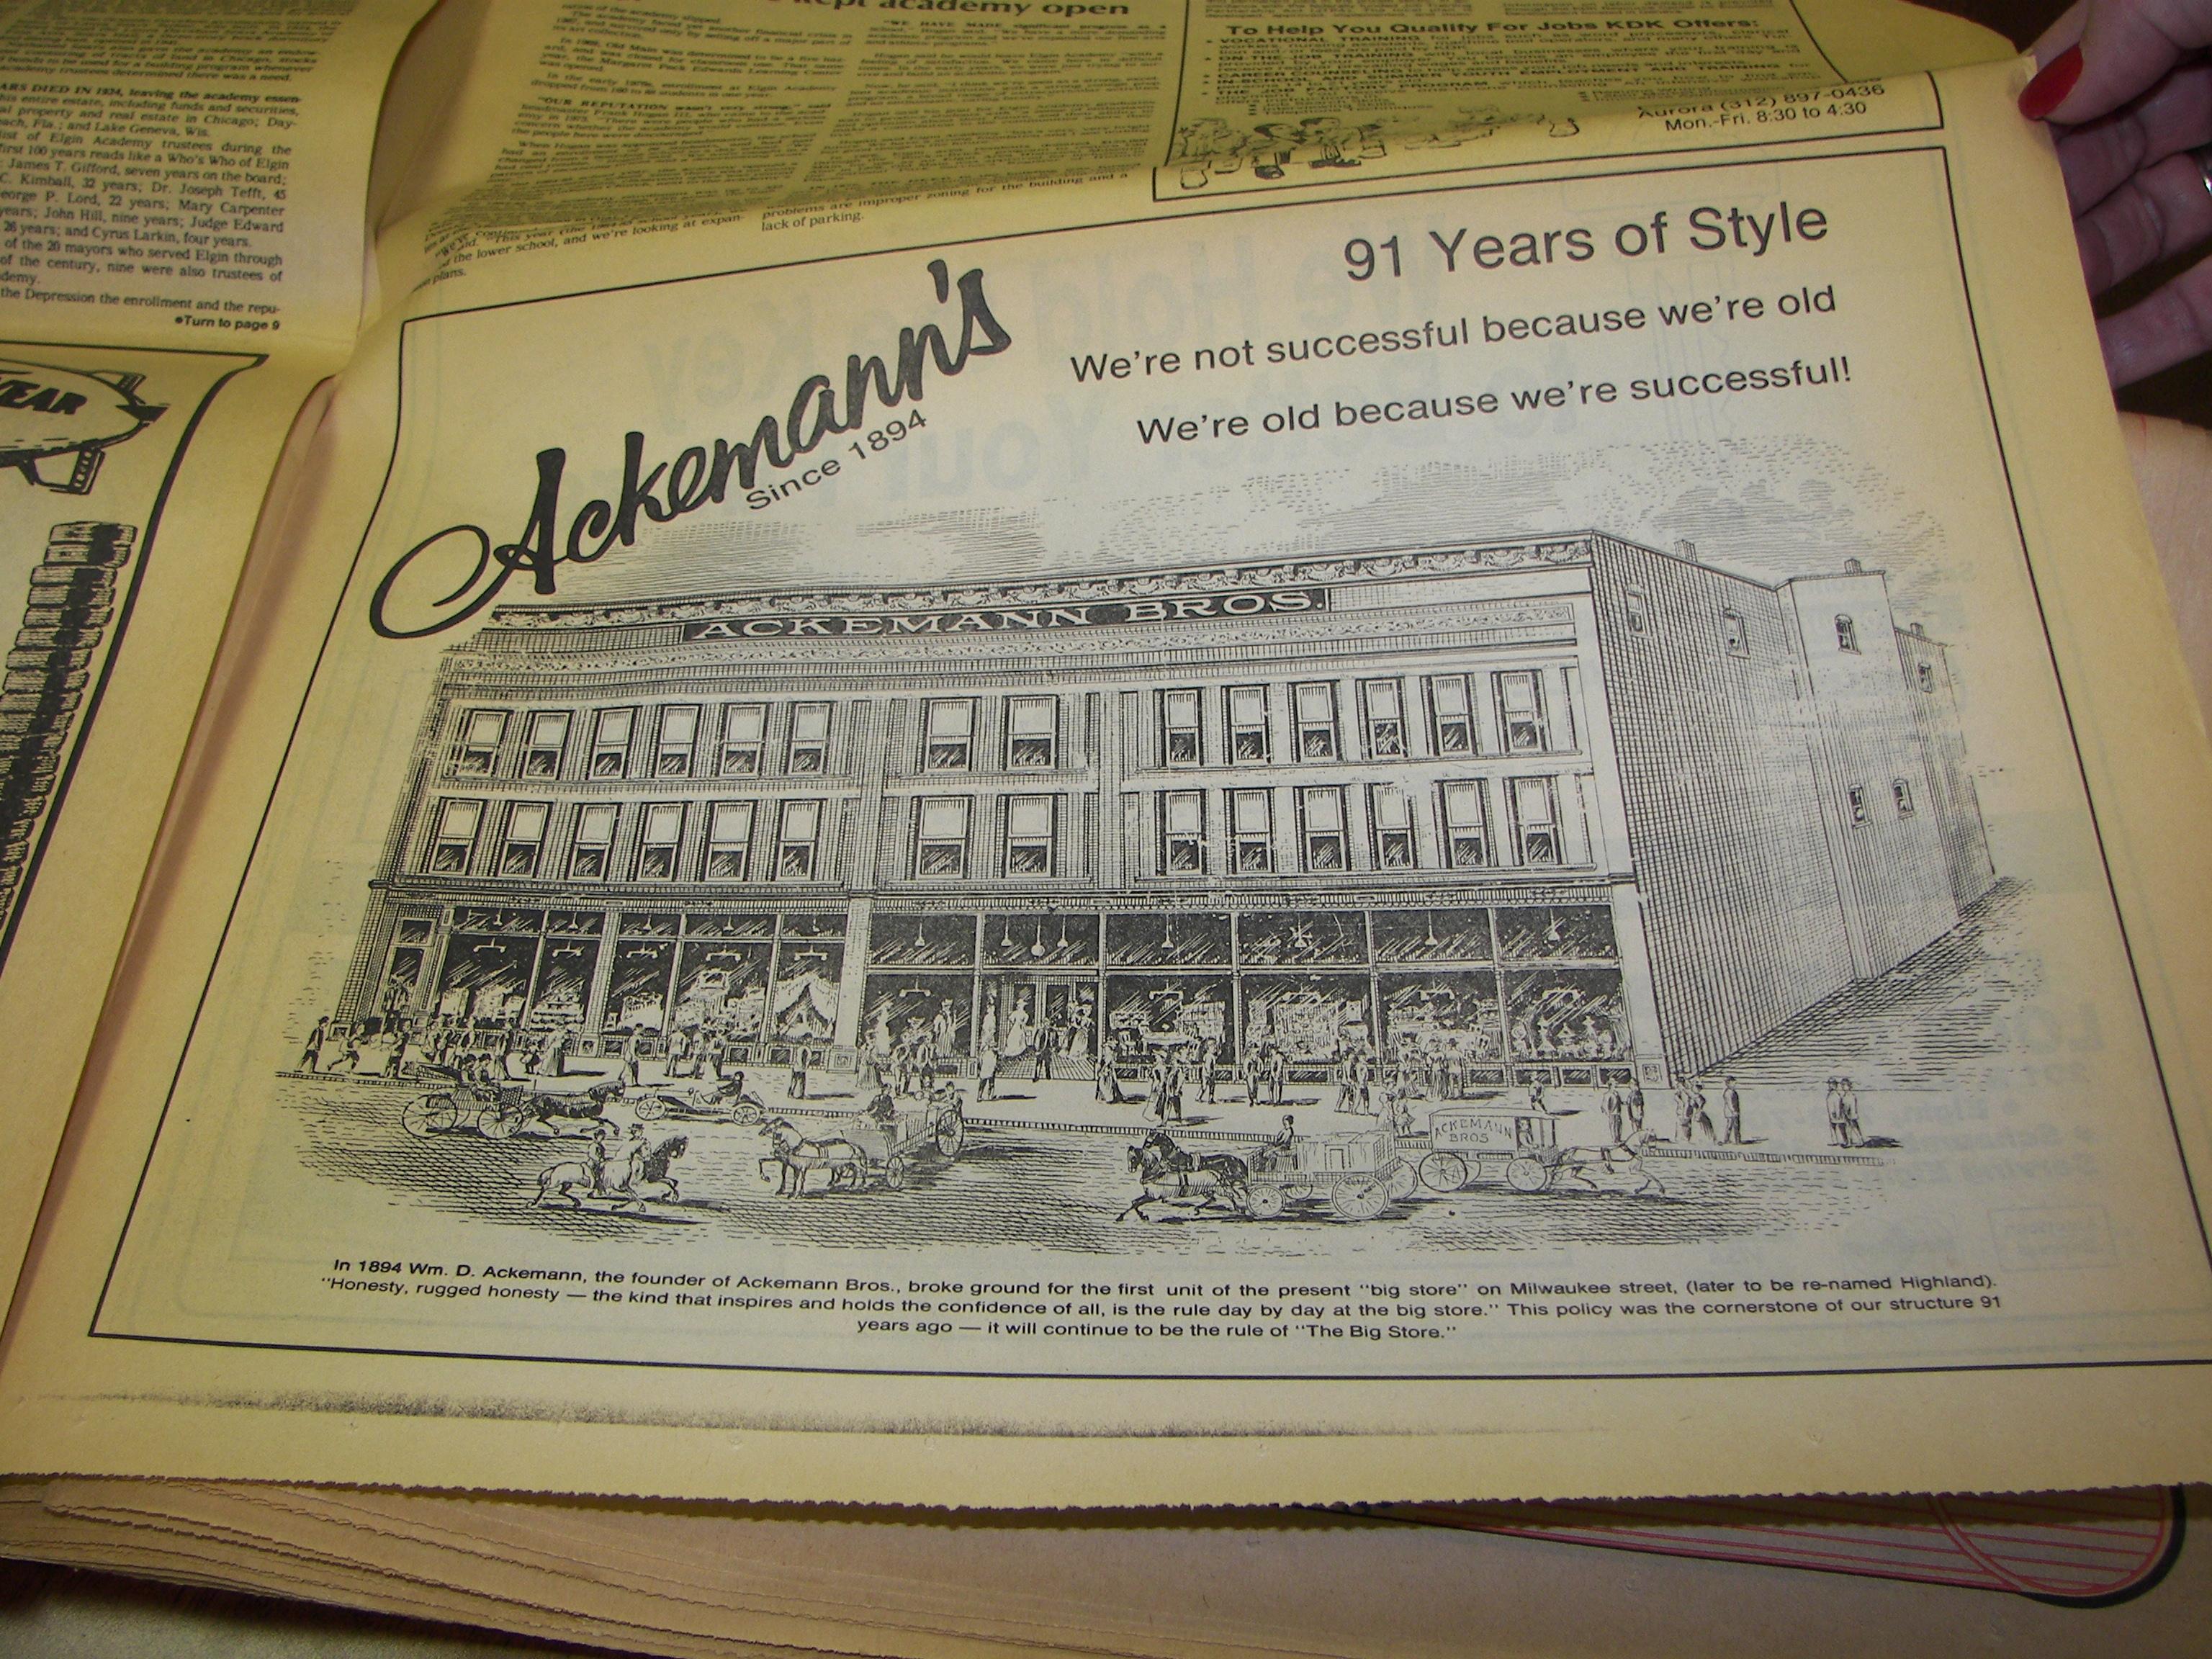 Ackemann's-1911.JPG